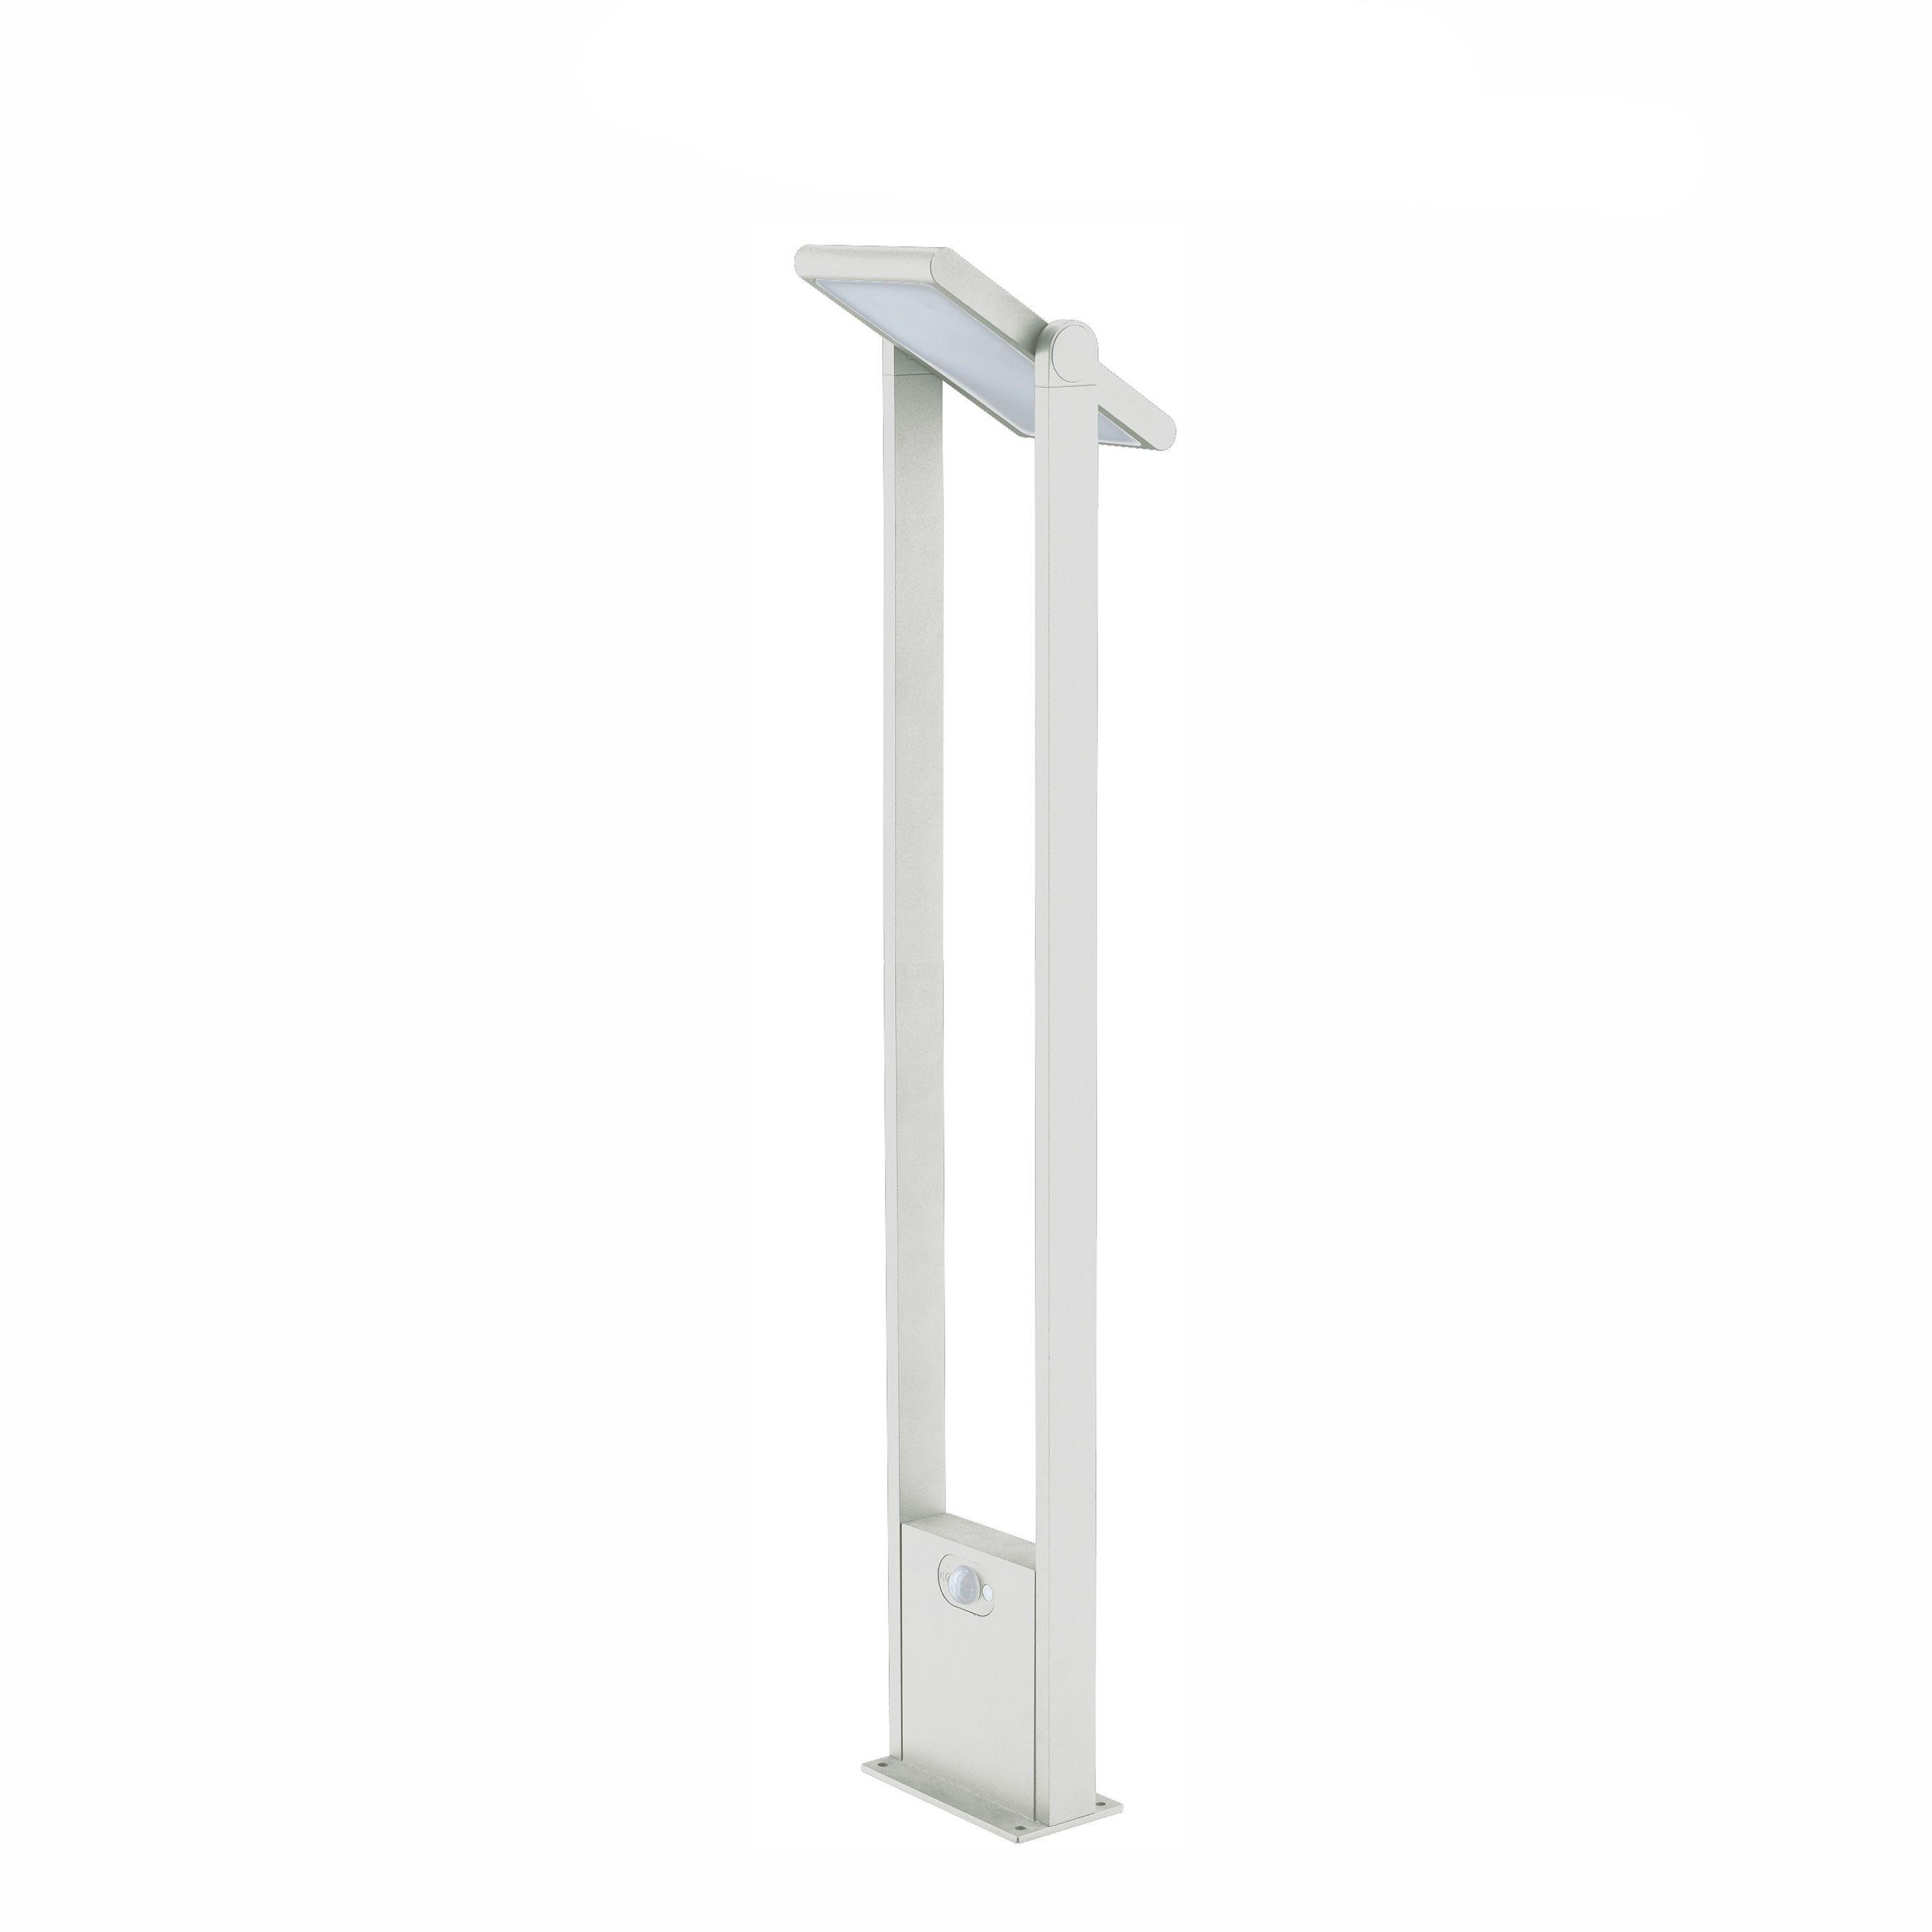 Borne solaire LED POPA 100cm Beneito Faure en vente chez CONNECTILED